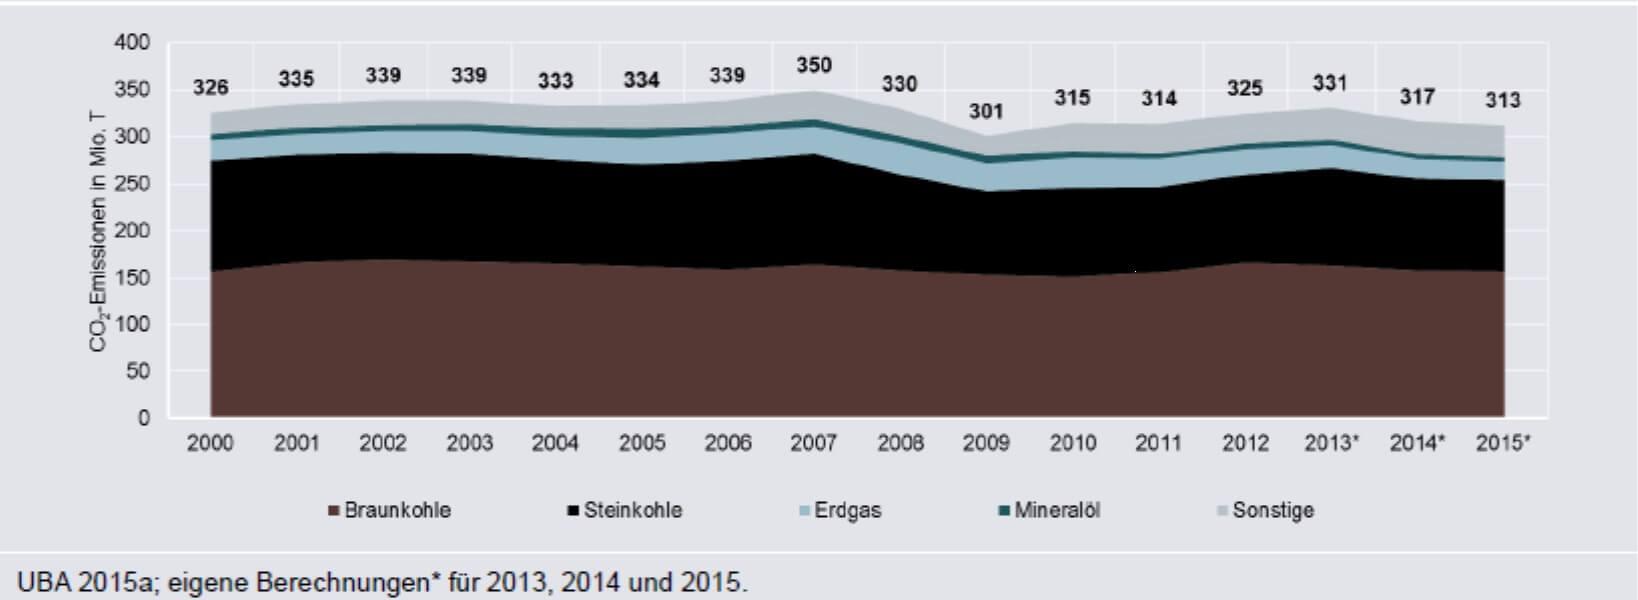 """Průběh Energiewende z hlediska emisí oxidu uhličitého v sektoru výroby elektřiny. Zde je vidět, že během patnácti let jejího průběhu zůstaly emise stejné v mezích fluktuací daných průběhem zimy a ekonomického cyklu. Pro srovnání lze uvést, že v zemích jako Francie či Švédsko během jejich """"Energiewende"""" poklesly v elektroenergetice emise za deset let řádově. (Zdroj Agora)."""